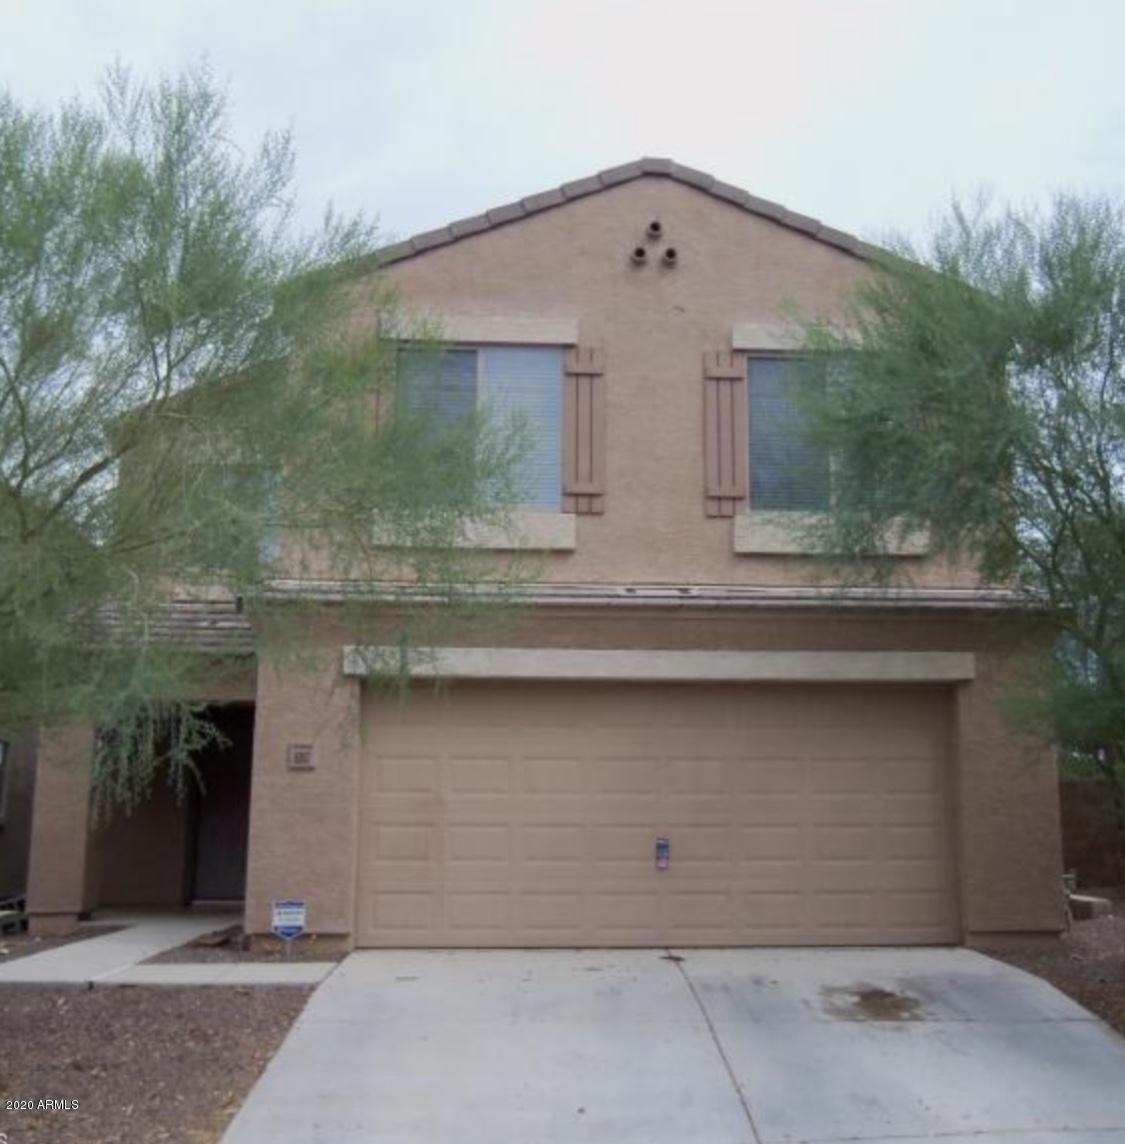 6807 N 129TH Drive, Glendale, AZ 85307 - MLS#: 6111102